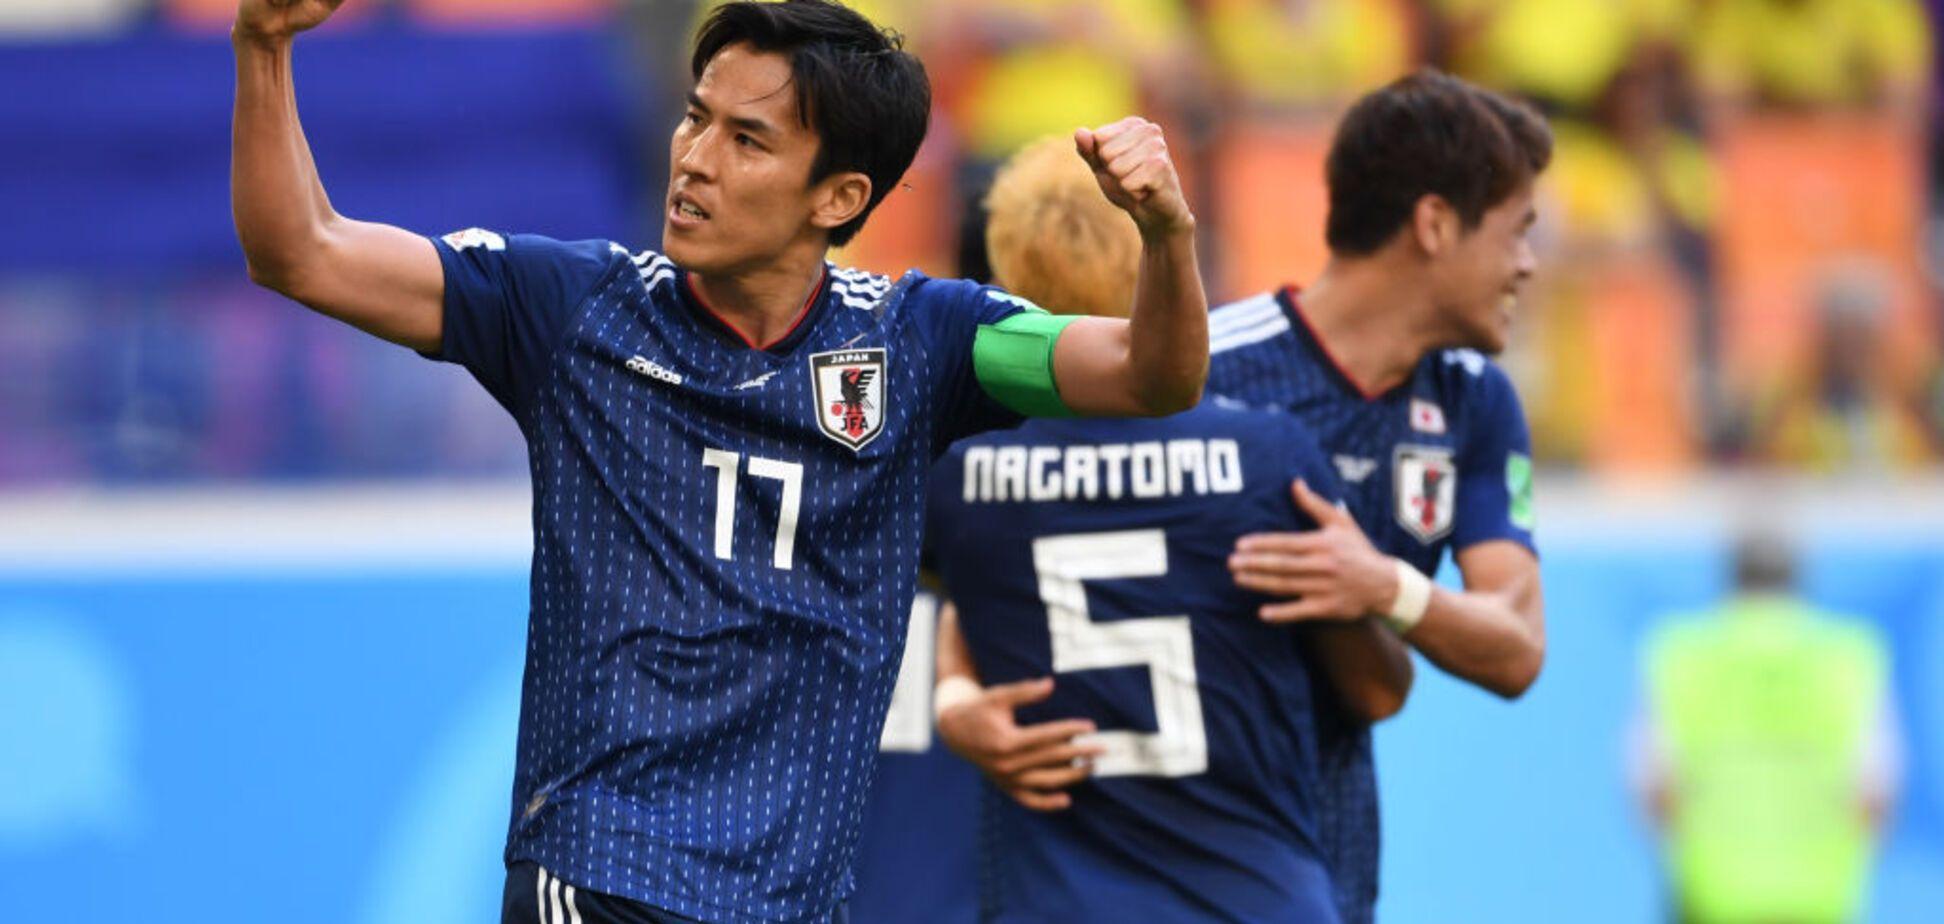 ЧМ-2018: в ФИФА отреагировали на скандал в матче Япония – Сенегал